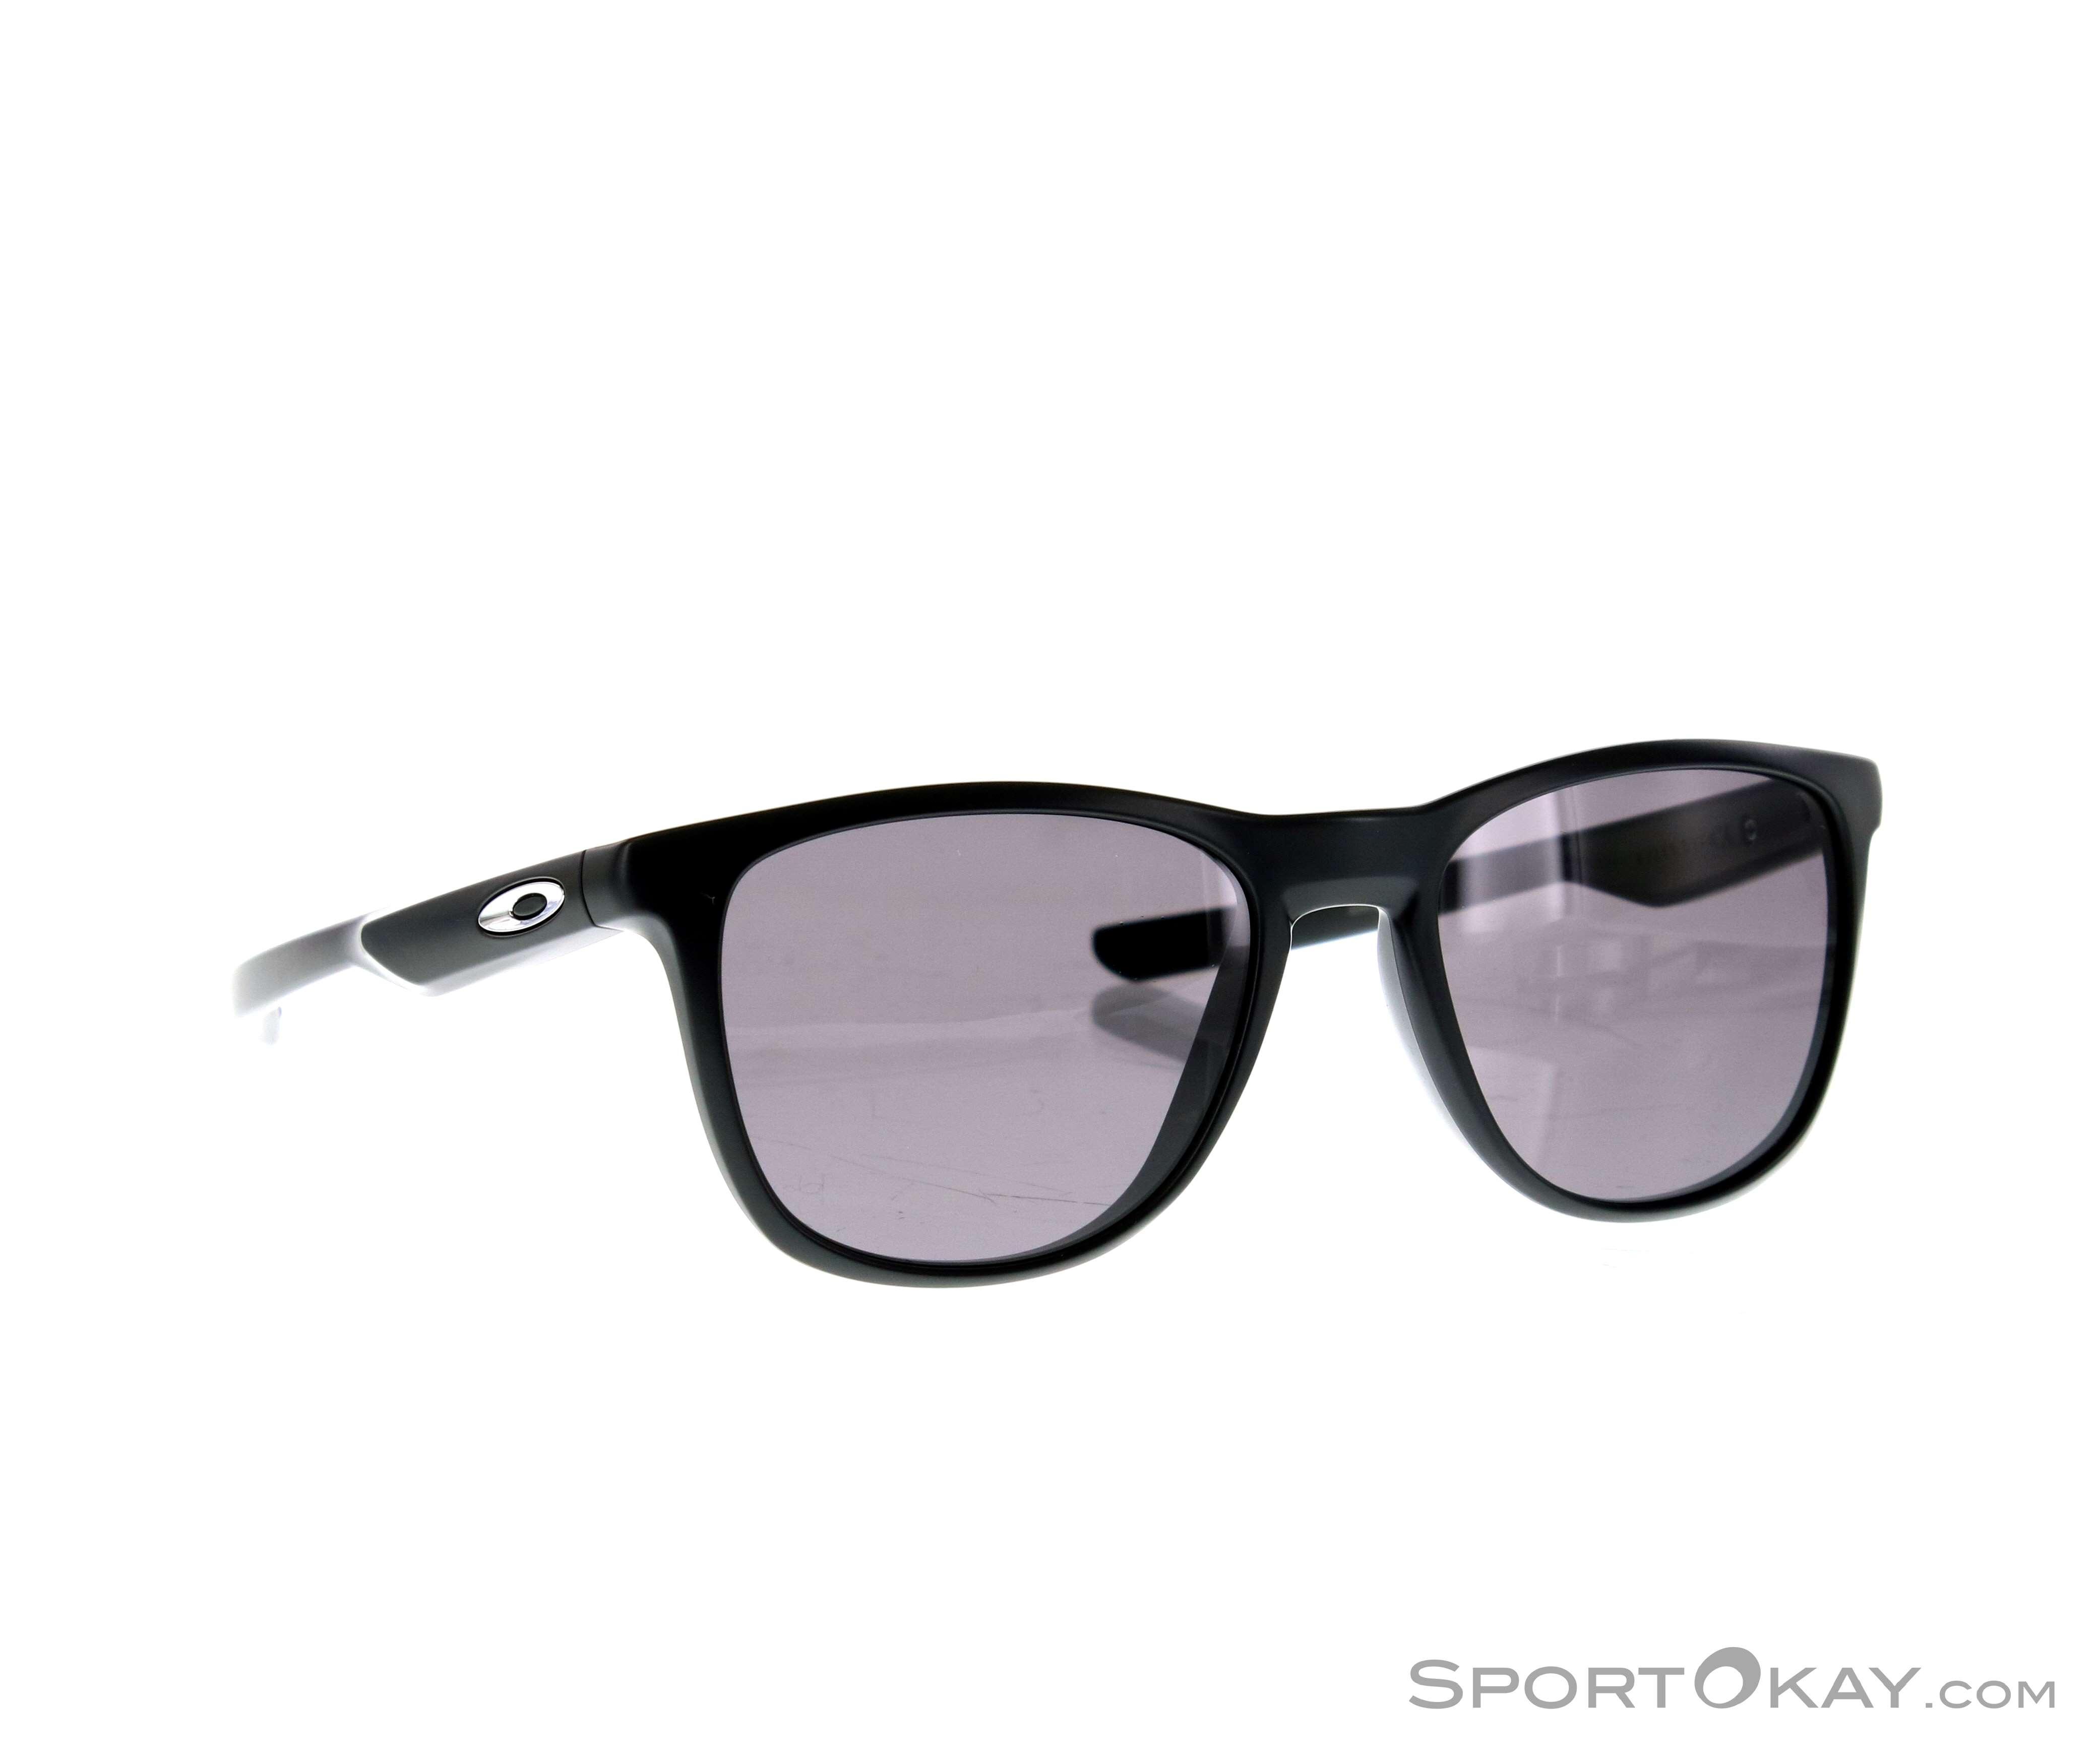 Sonnenbrille Oakley Trillbe X YCL8m